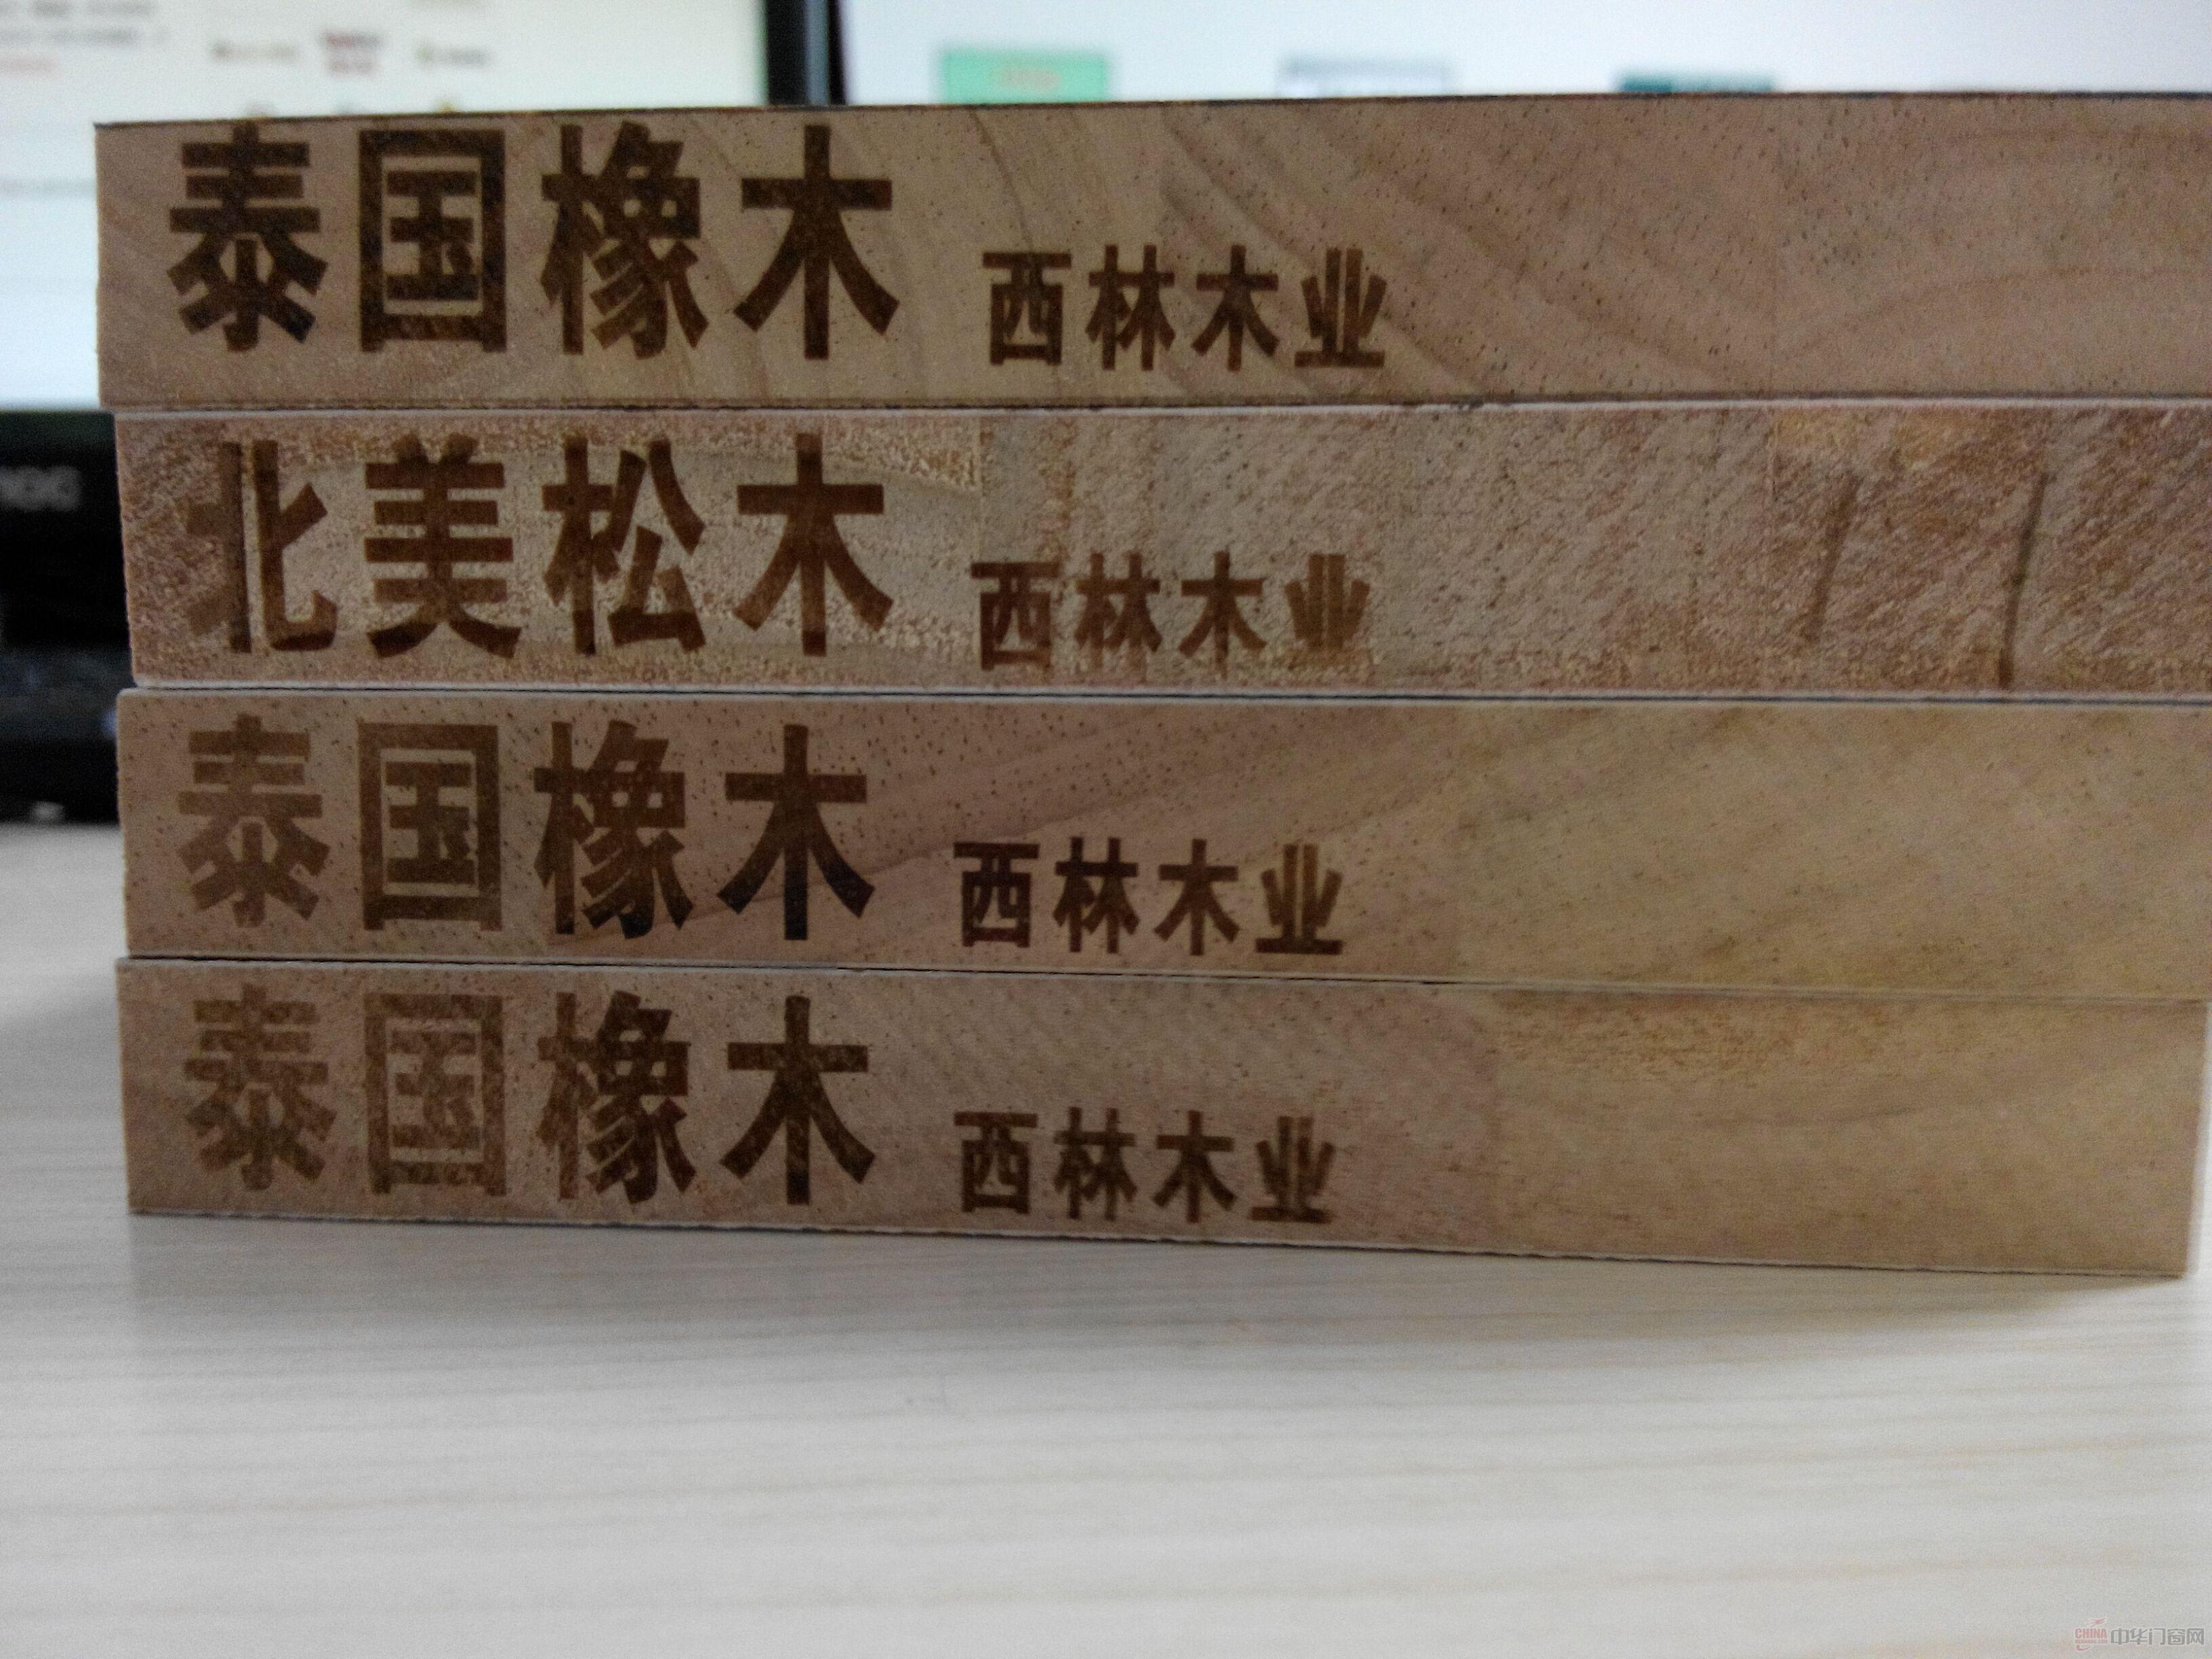 深圳市西林木业有限公司